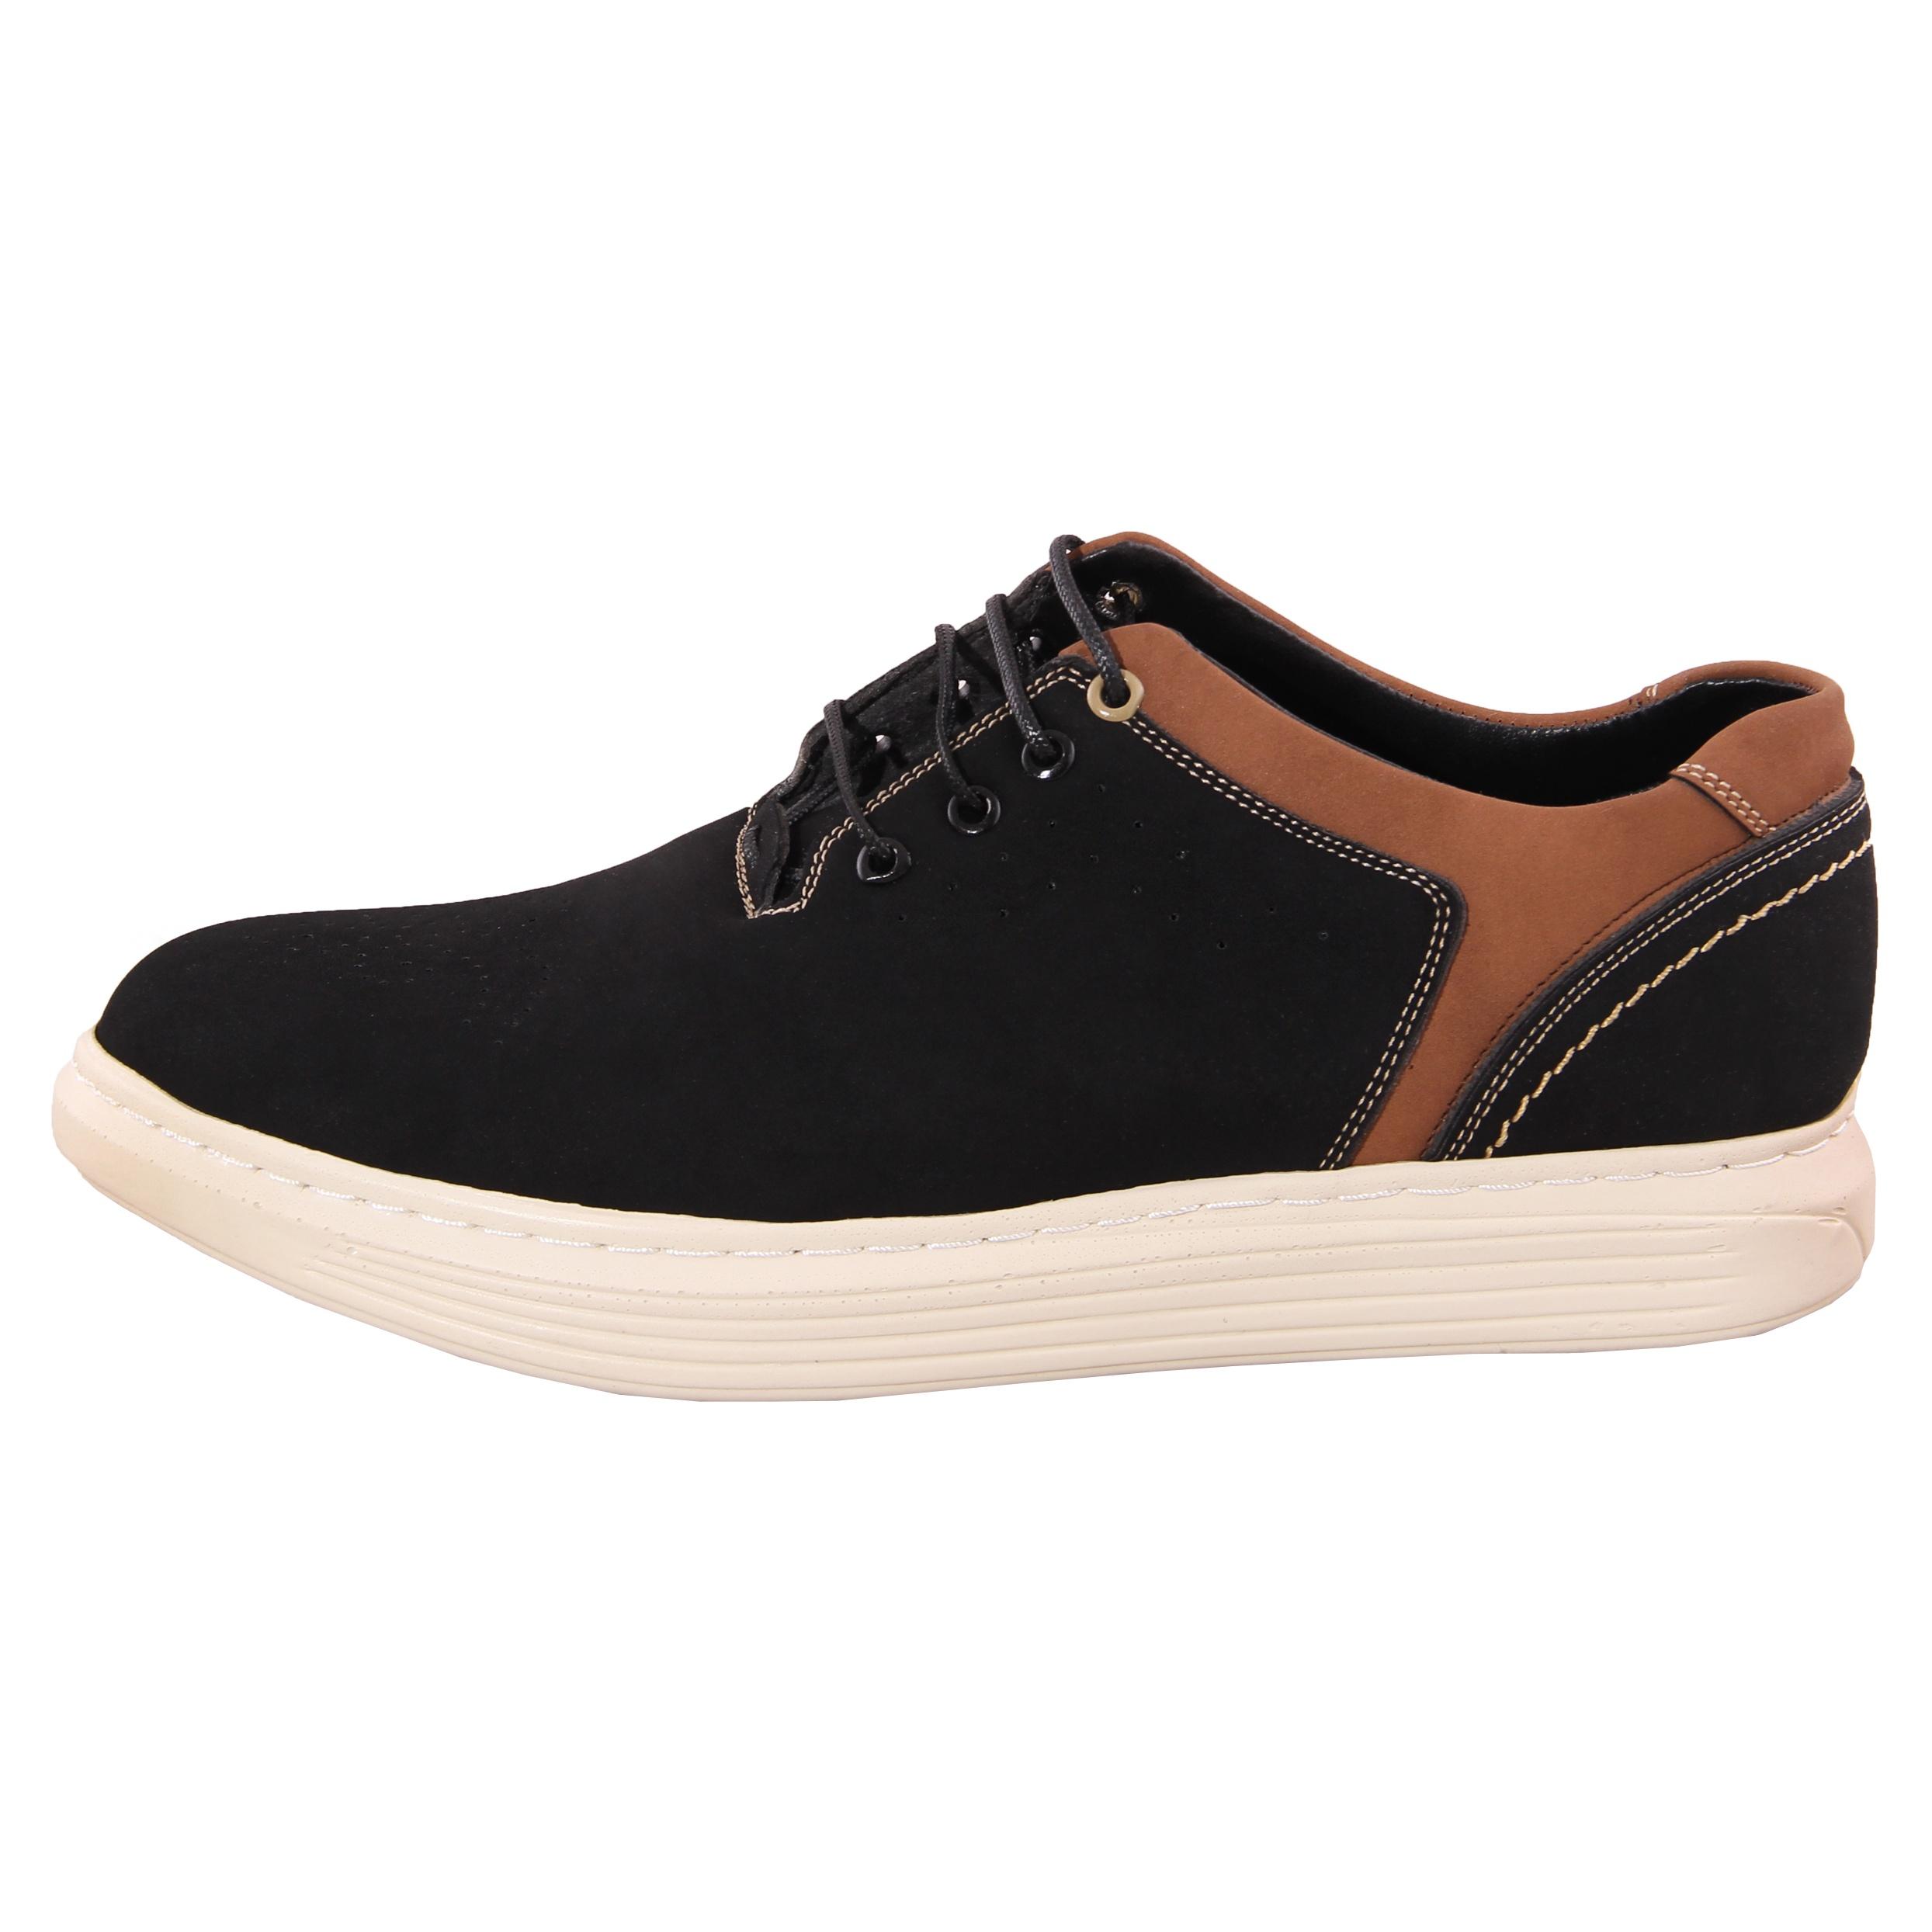 کفش روزمره مردانه کد 1-39893